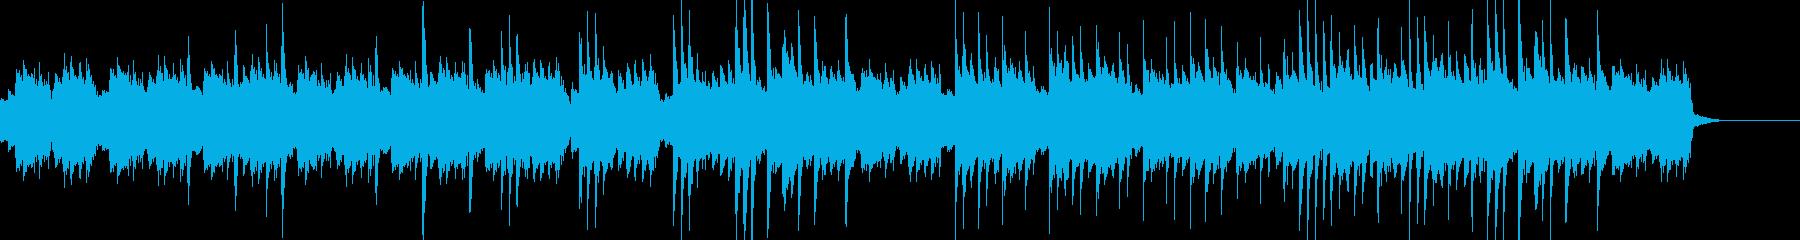 暗いピアノソロの再生済みの波形